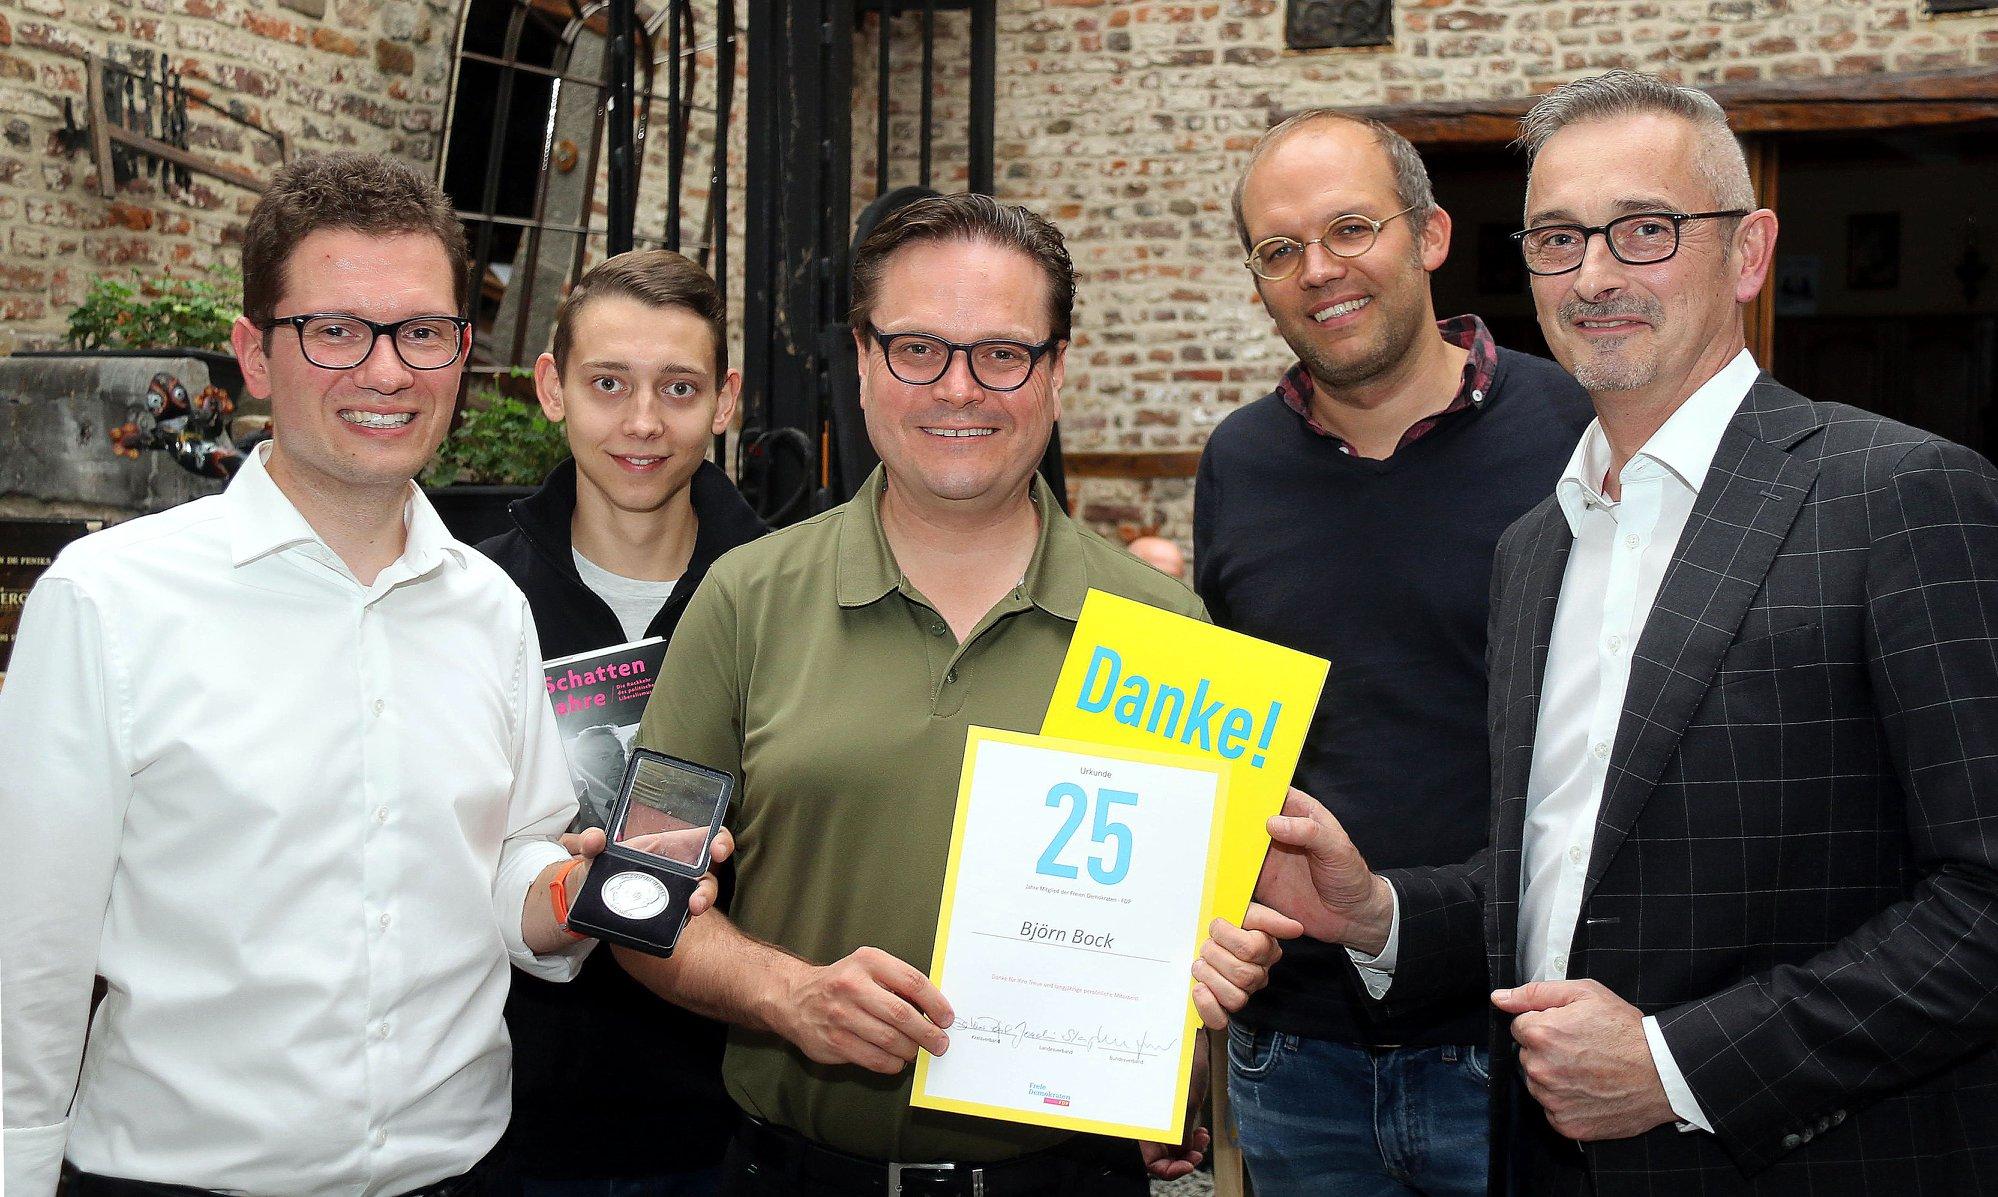 Björn Bock: Für 25-jährige Parteizugehörigkeit zur FDP und sein Engagement geehrt